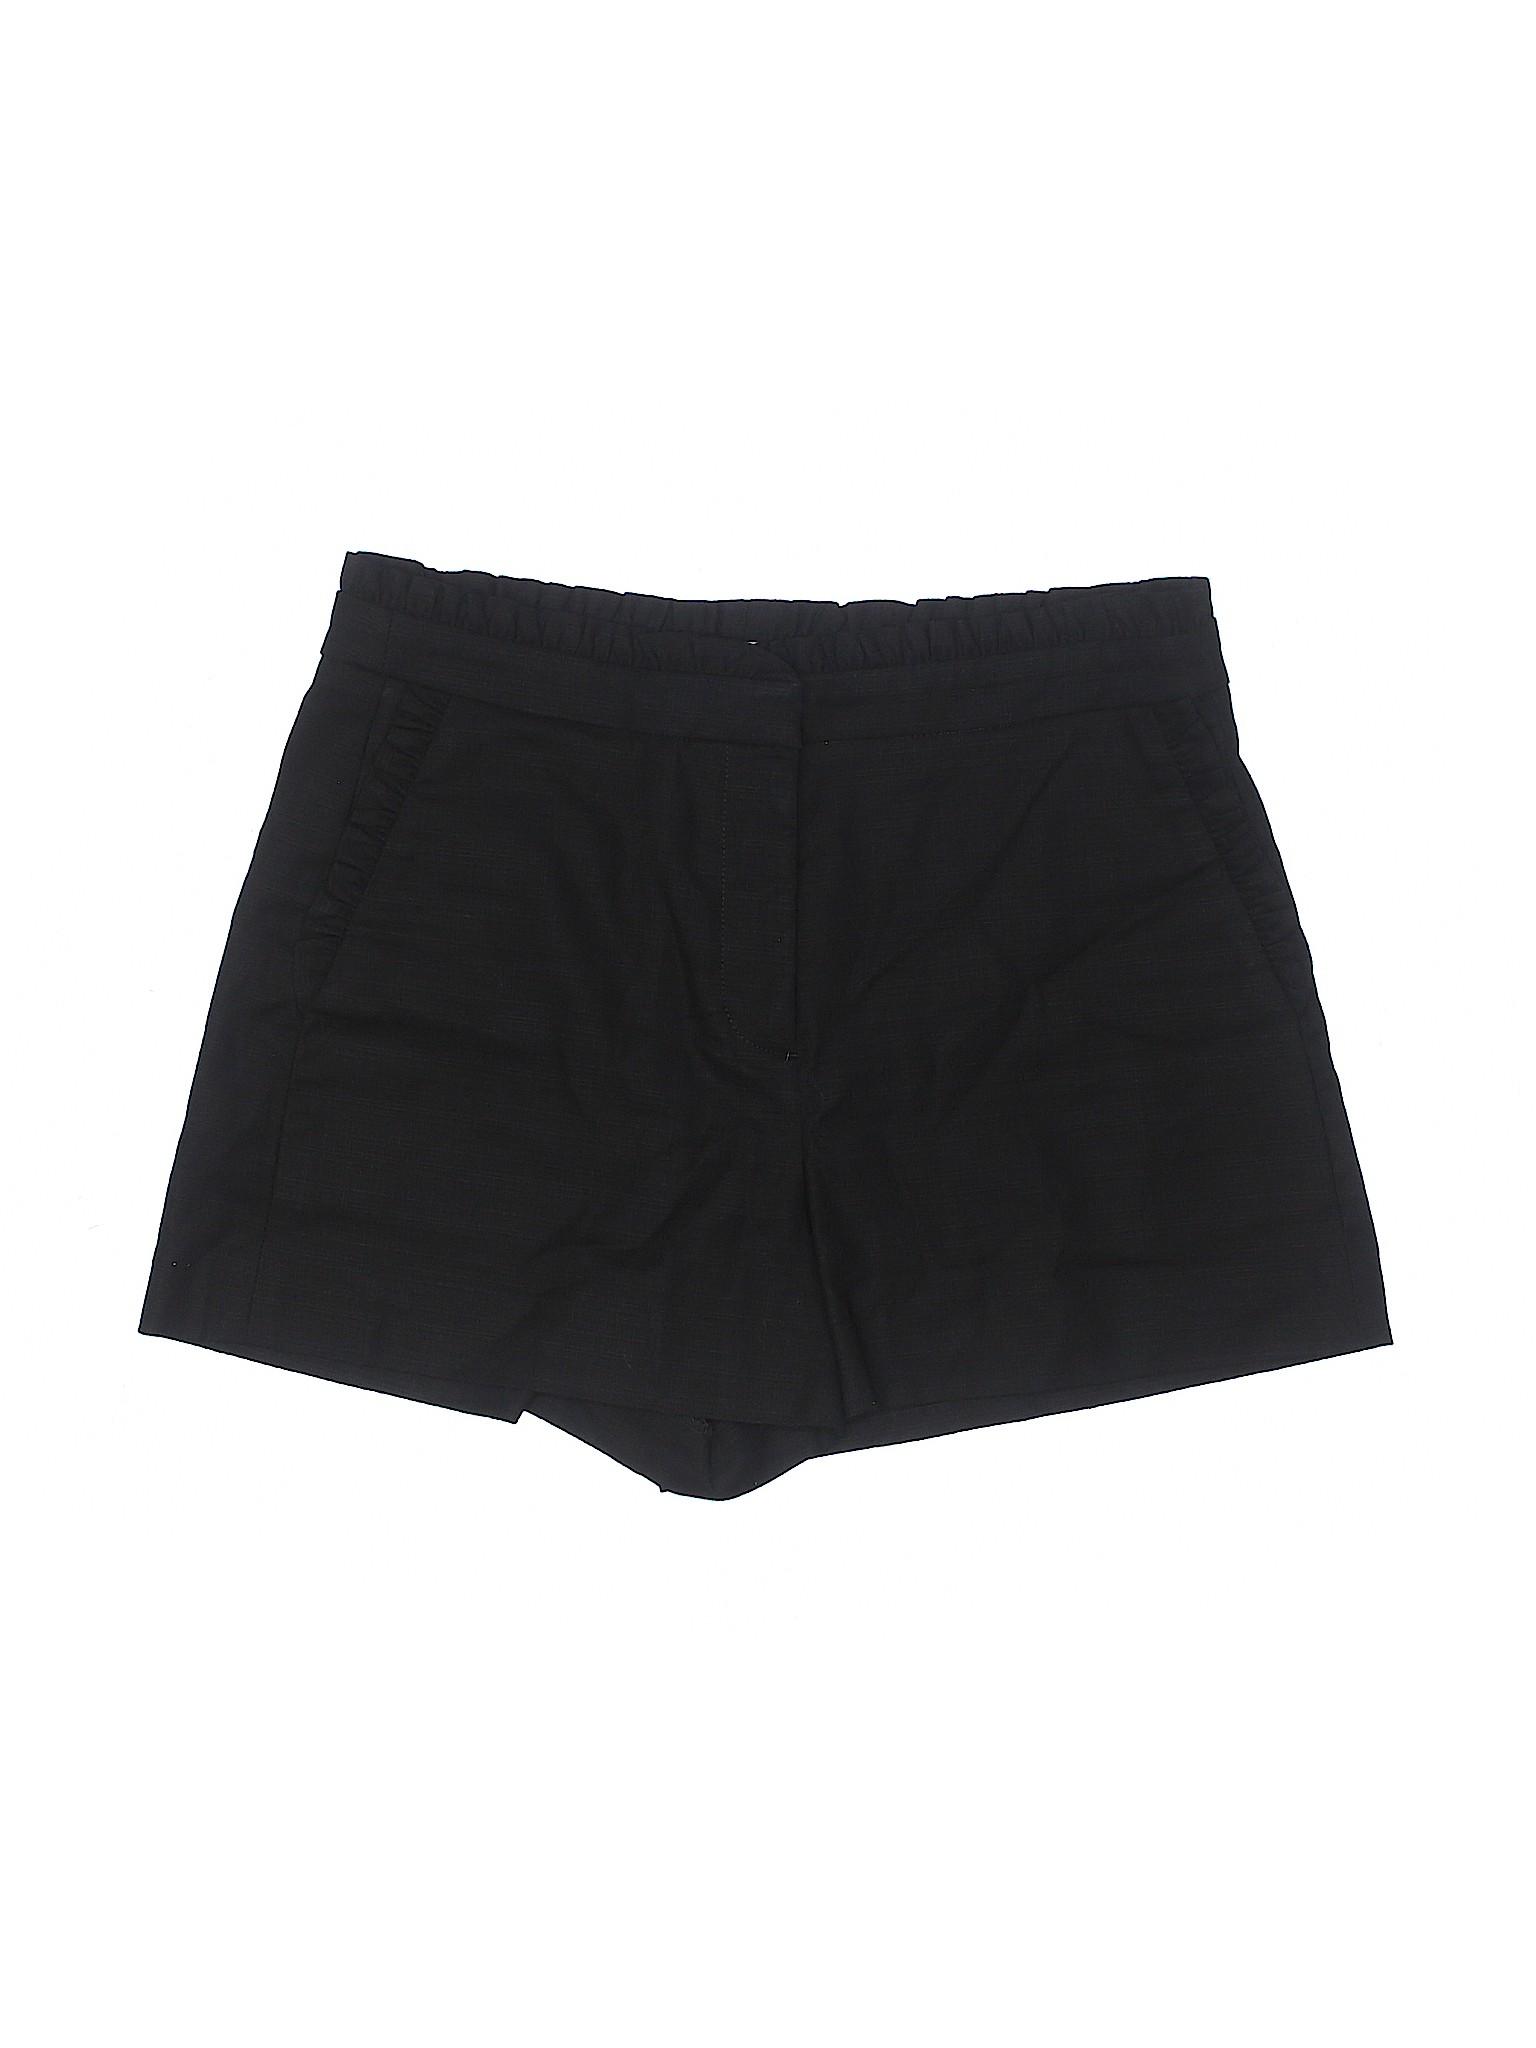 Shorts Boutique J J Dressy Crew Boutique qXZwdw0W